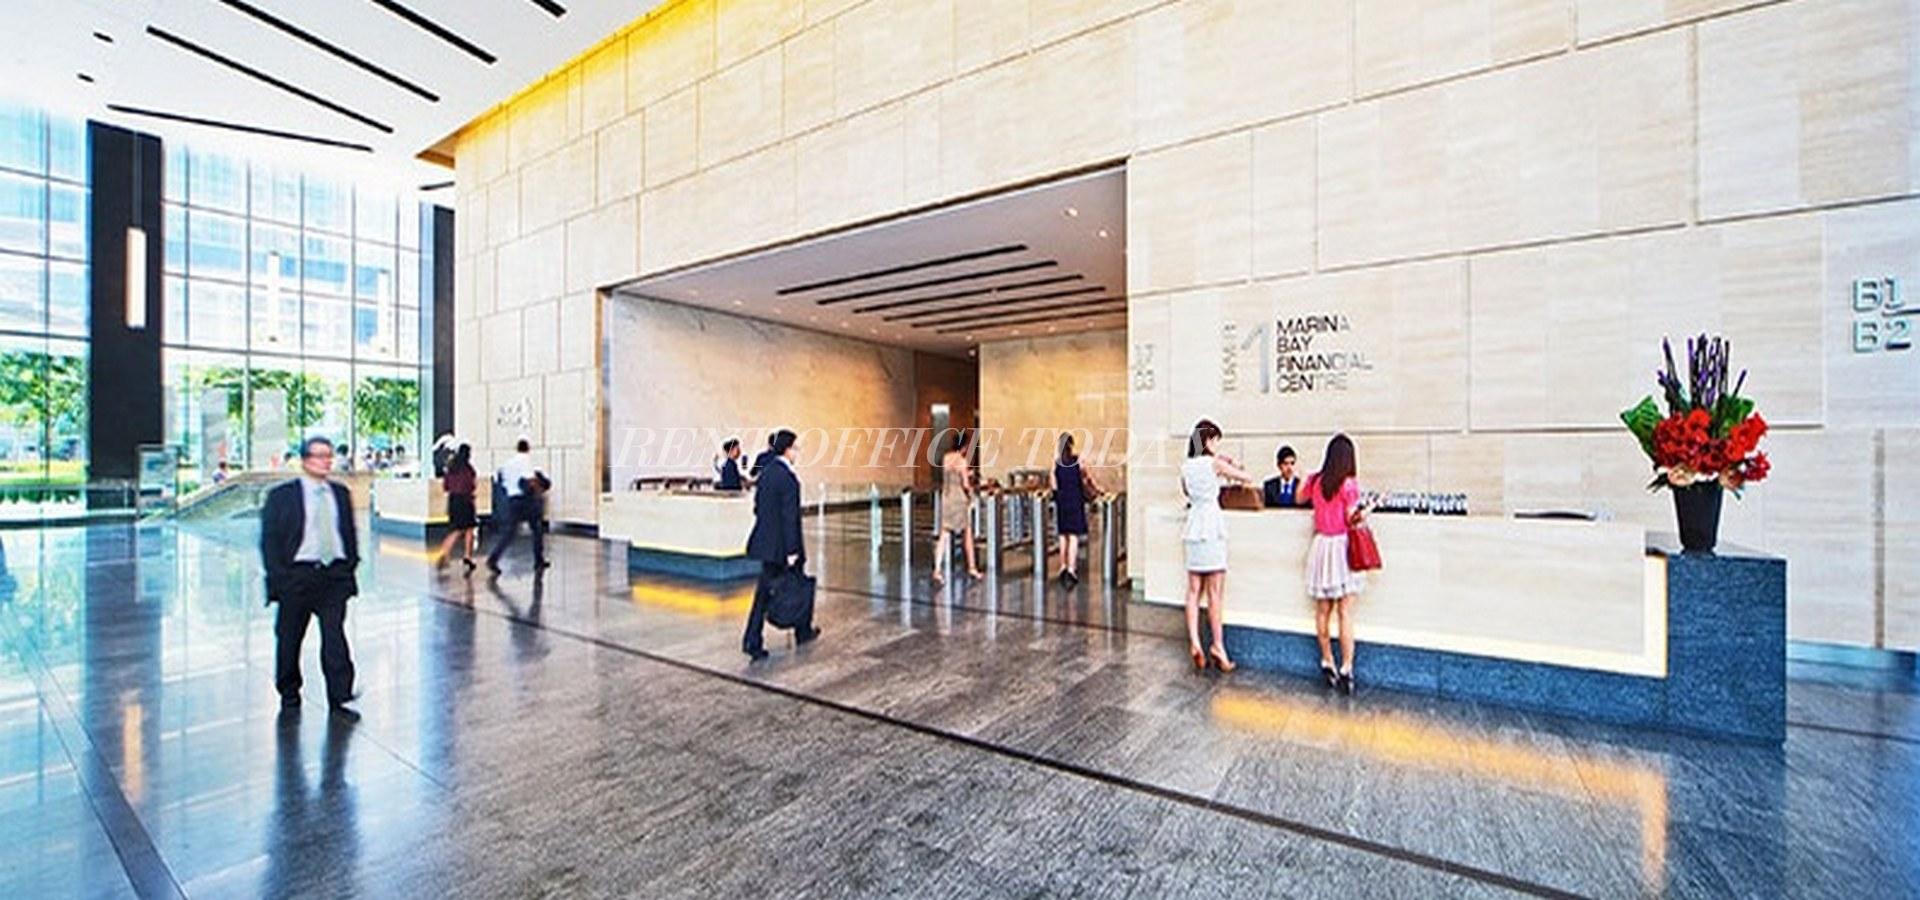 مكتب للايجار marina bay financial centre-3